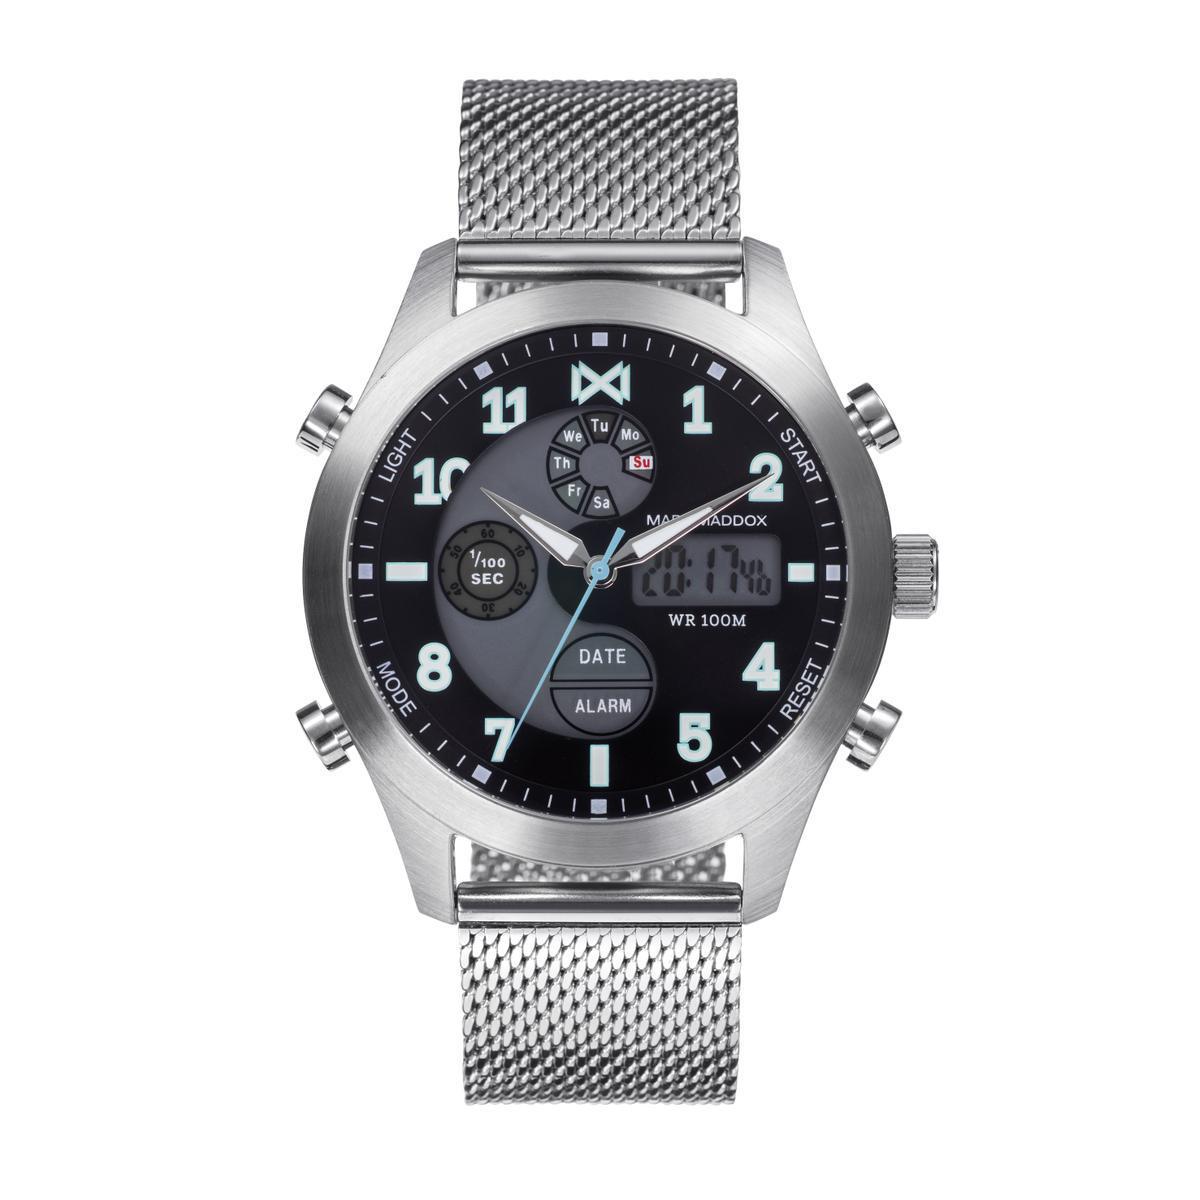 Reloj Mark Maddox Shibuya Ref. HM1003-54